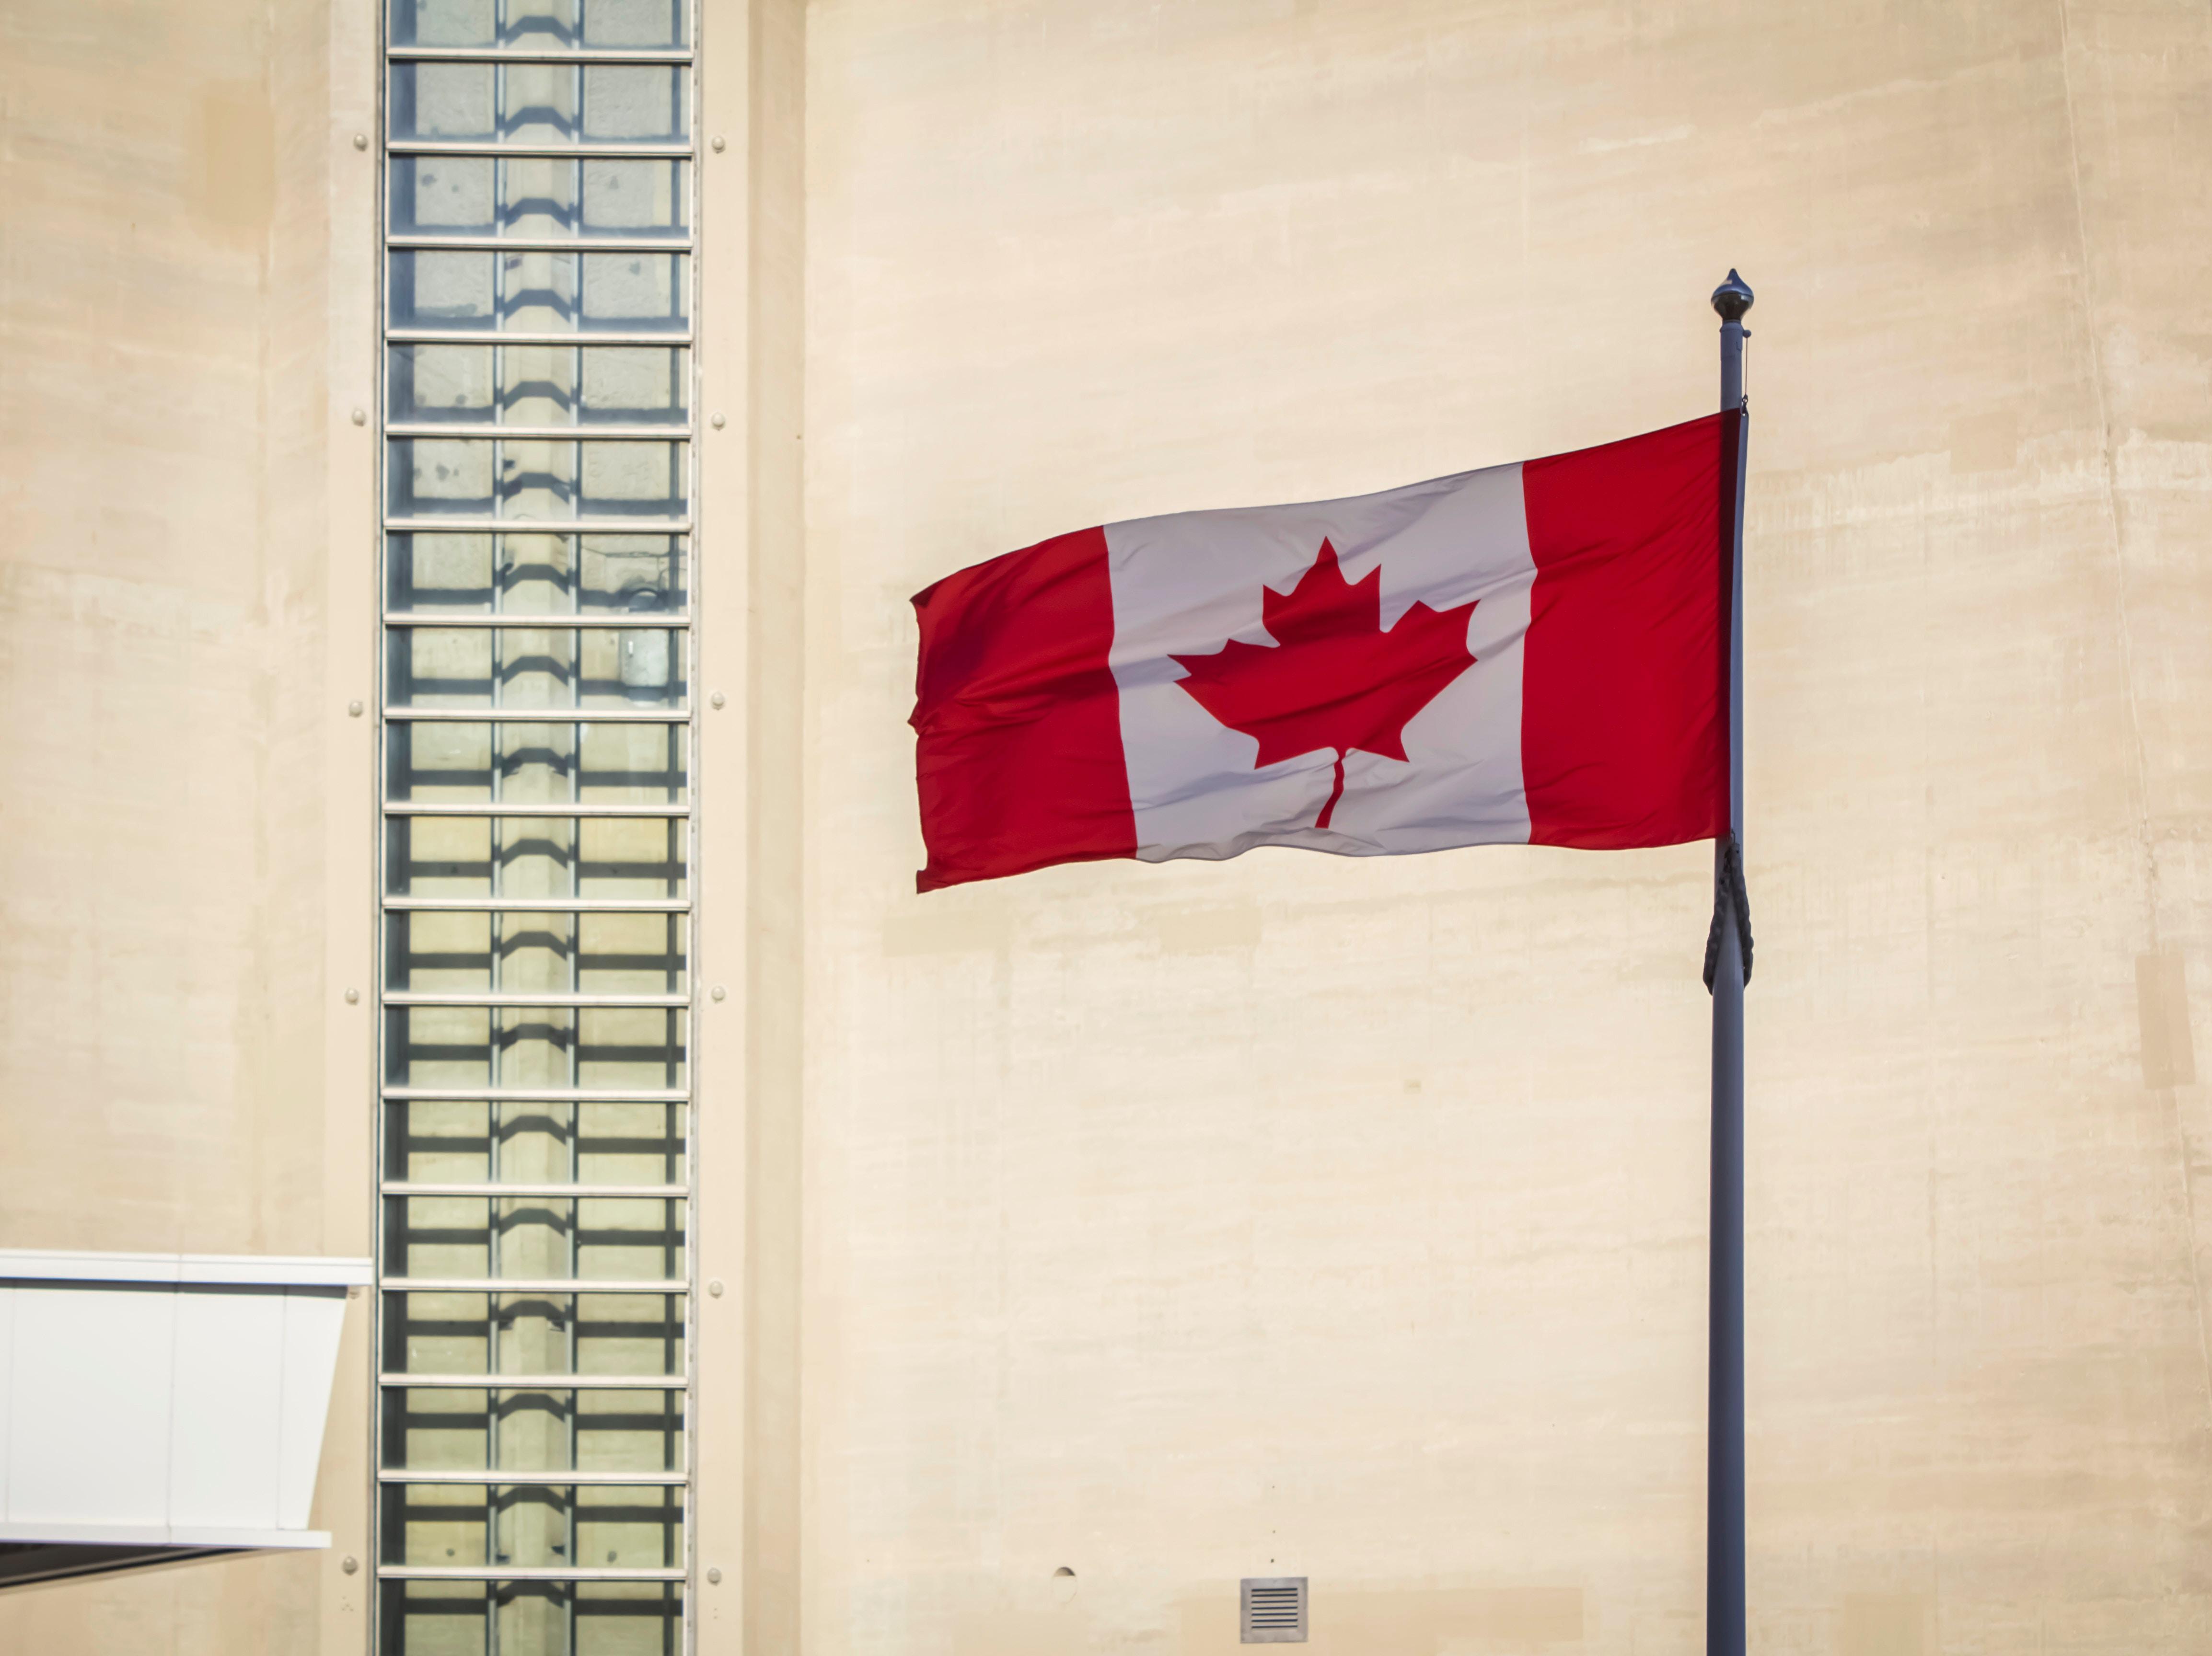 加拿大魁北克省宣布将放开移民数量,恢复至原来水平!